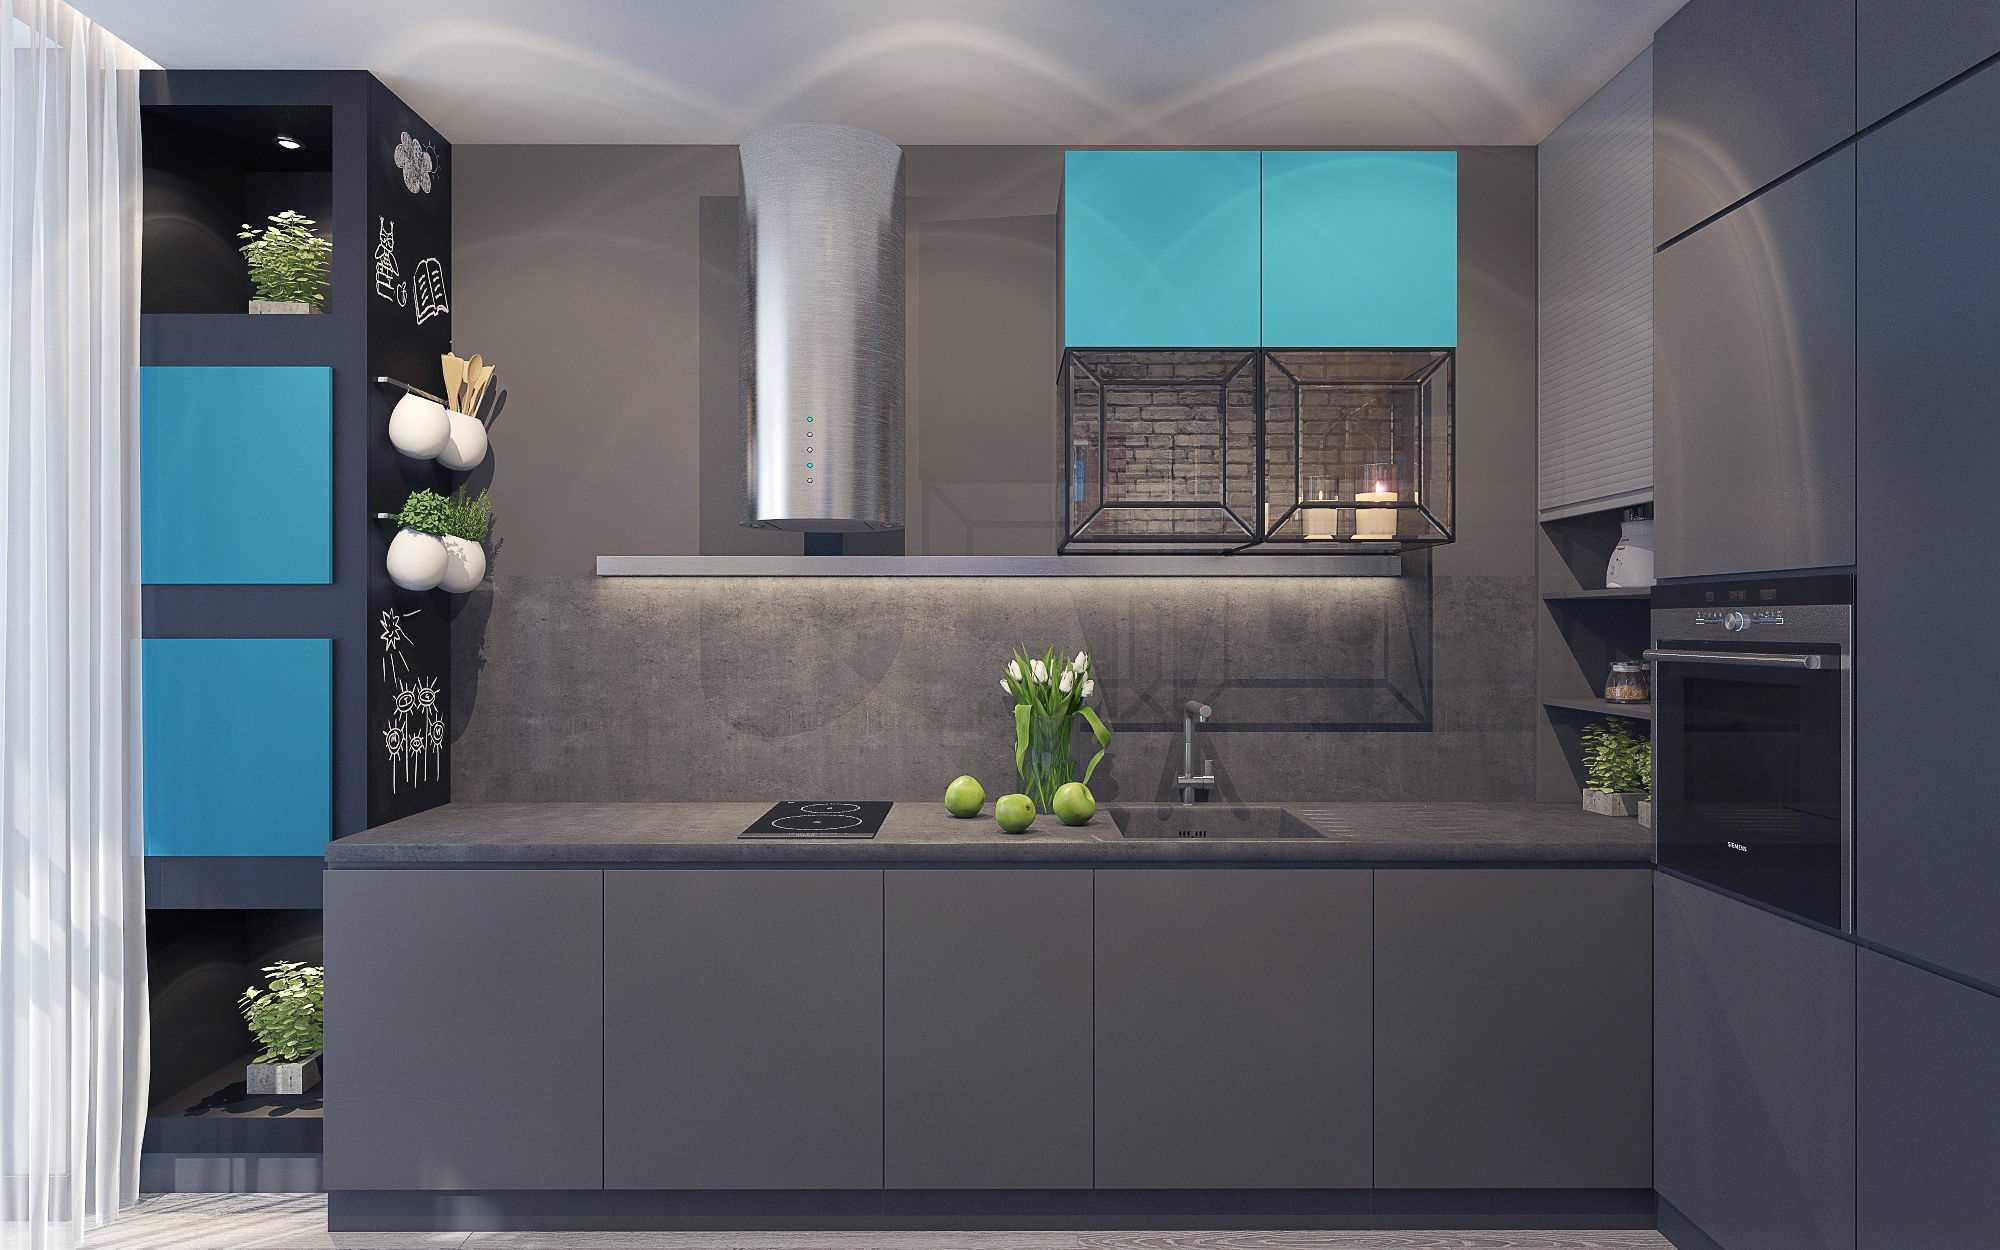 kombinacija tamno sive boje u unutrašnjosti dnevne sobe